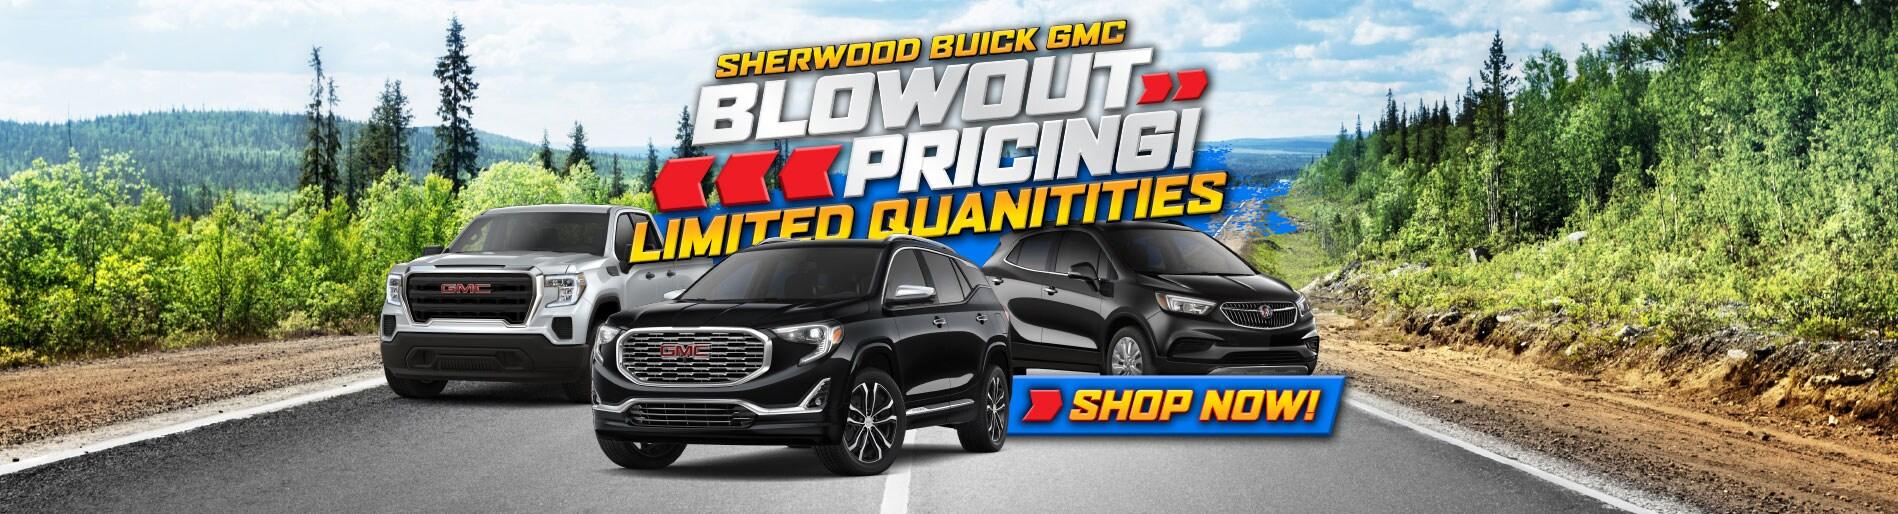 Sherwood Buick Gmc Car